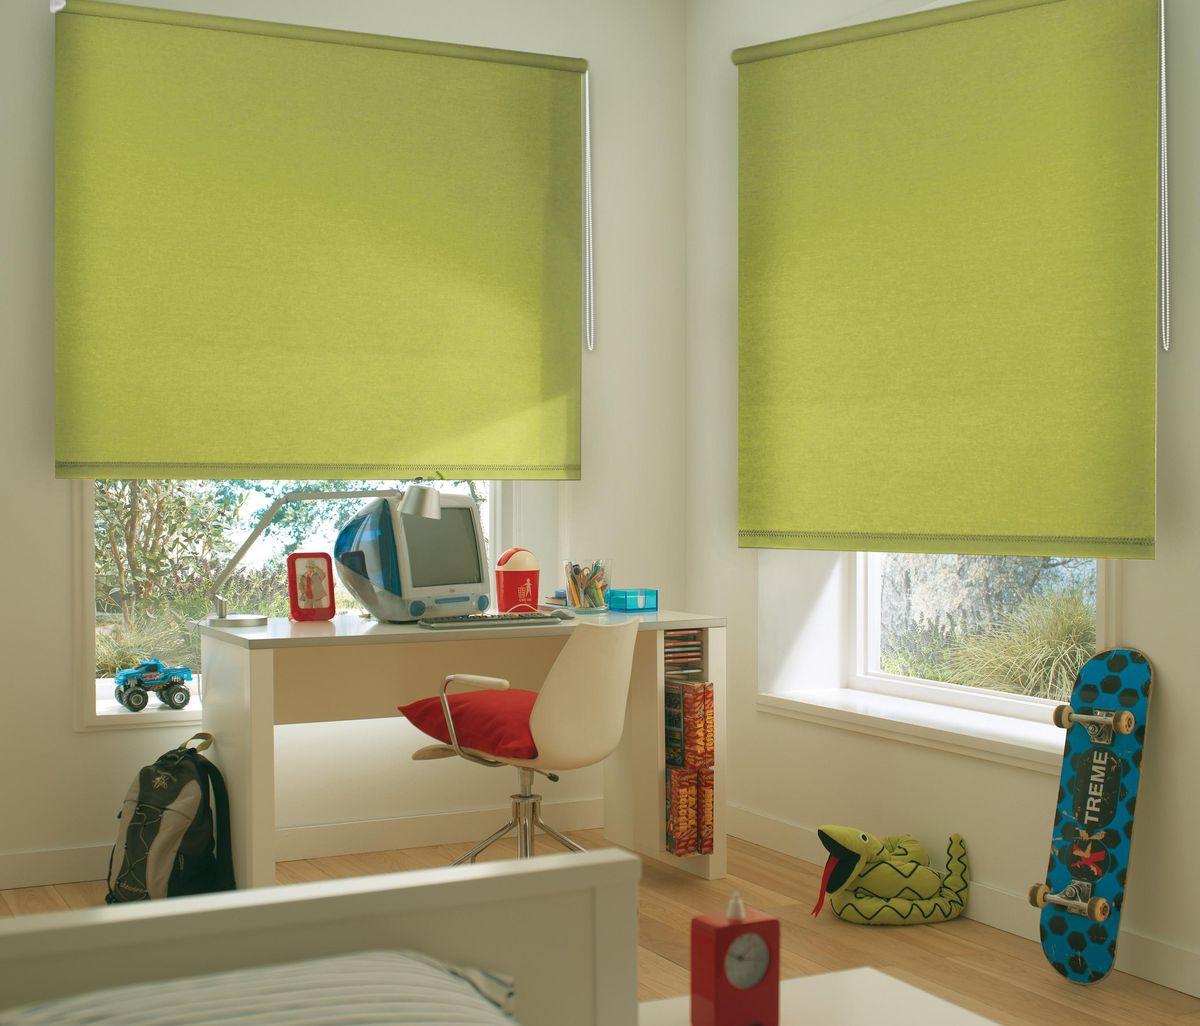 Штора рулонная Эскар, цвет: салатовый, ширина 80 см, высота 170 смА00319Рулонными шторами можно оформлять окна как самостоятельно, так и использовать в комбинации с портьерами. Это поможет предотвратить выгорание дорогой ткани на солнце и соединит функционал рулонных с красотой навесных.Преимущества применения рулонных штор для пластиковых окон:- имеют прекрасный внешний вид: многообразие и фактурность материала изделия отлично смотрятся в любом интерьере; - многофункциональны: есть возможность подобрать шторы способные эффективно защитить комнату от солнца, при этом о на не будет слишком темной. - Есть возможность осуществить быстрый монтаж. ВНИМАНИЕ! Размеры ширины изделия указаны по ширине ткани!Во время эксплуатации не рекомендуется полностью разматывать рулон, чтобы не оторвать ткань от намоточного вала.В случае загрязнения поверхности ткани, чистку шторы проводят одним из способов, в зависимости от типа загрязнения: легкое поверхностное загрязнение можно удалить при помощи канцелярского ластика; чистка от пыли производится сухим методом при помощи пылесоса с мягкой щеткой-насадкой; для удаления пятна используйте мягкую губку с пенообразующим неагрессивным моющим средством или пятновыводитель на натуральной основе (нельзя применять растворители).